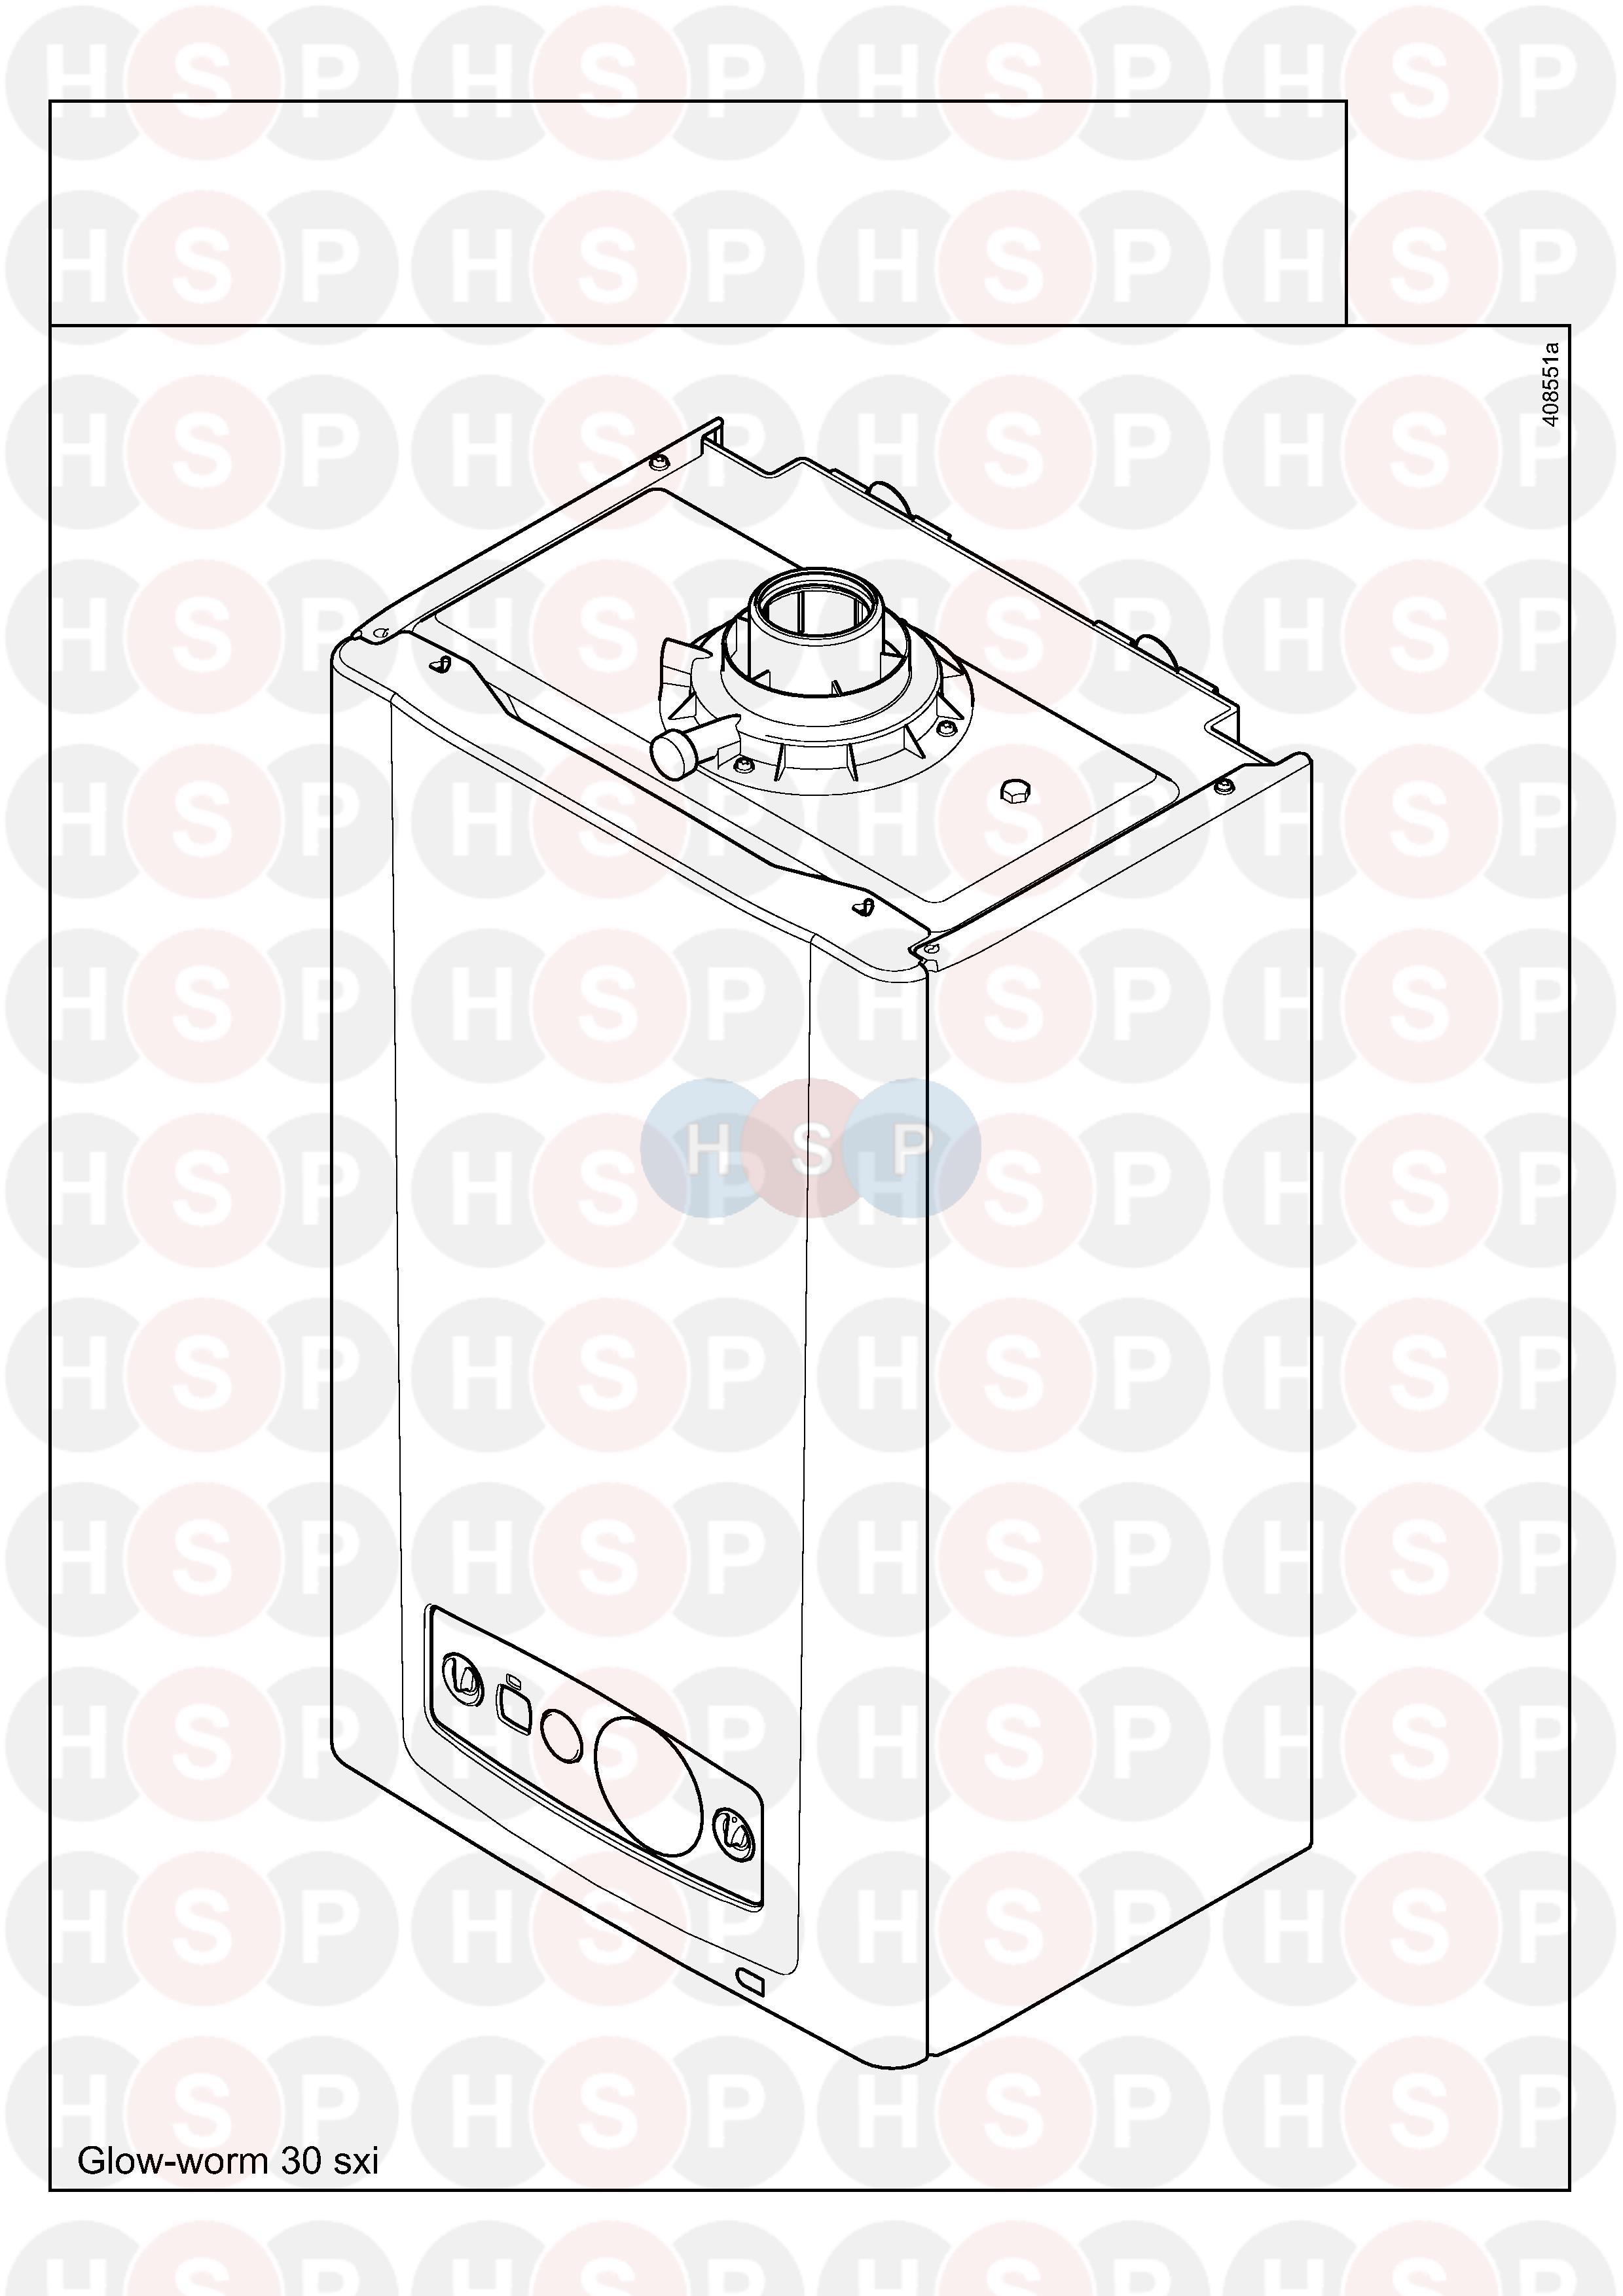 glowworm glowworm 30sxi  appliance overview  diagram